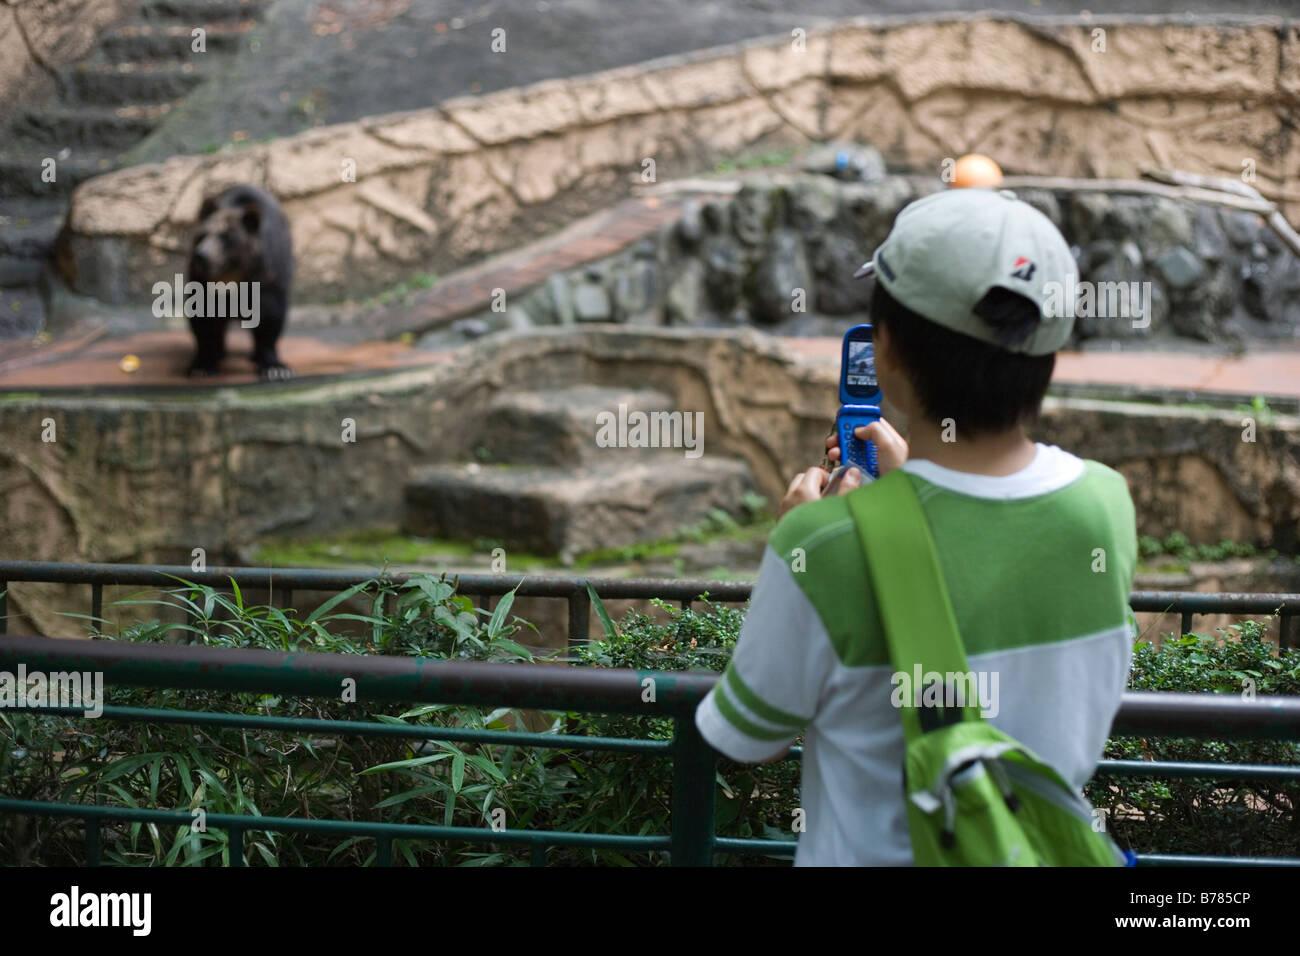 Los jóvenes japoneses niño tomando la imagen de oso en el zoo de Tokio utilizando su teléfono celular Foto de stock